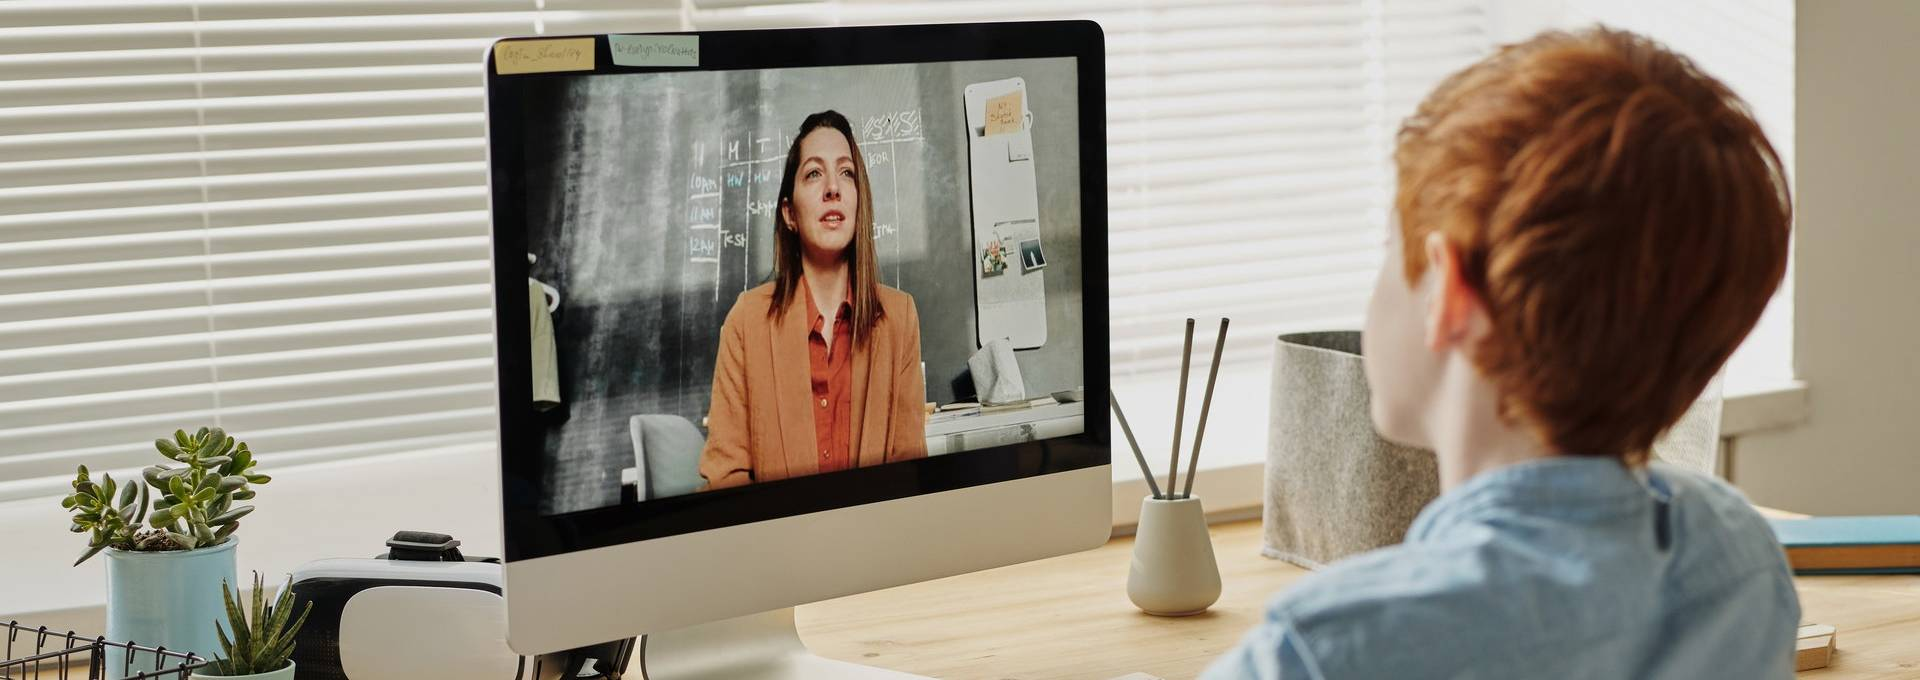 Über Videochat kommunizieren Lehrpersonen mit den Lernenden.